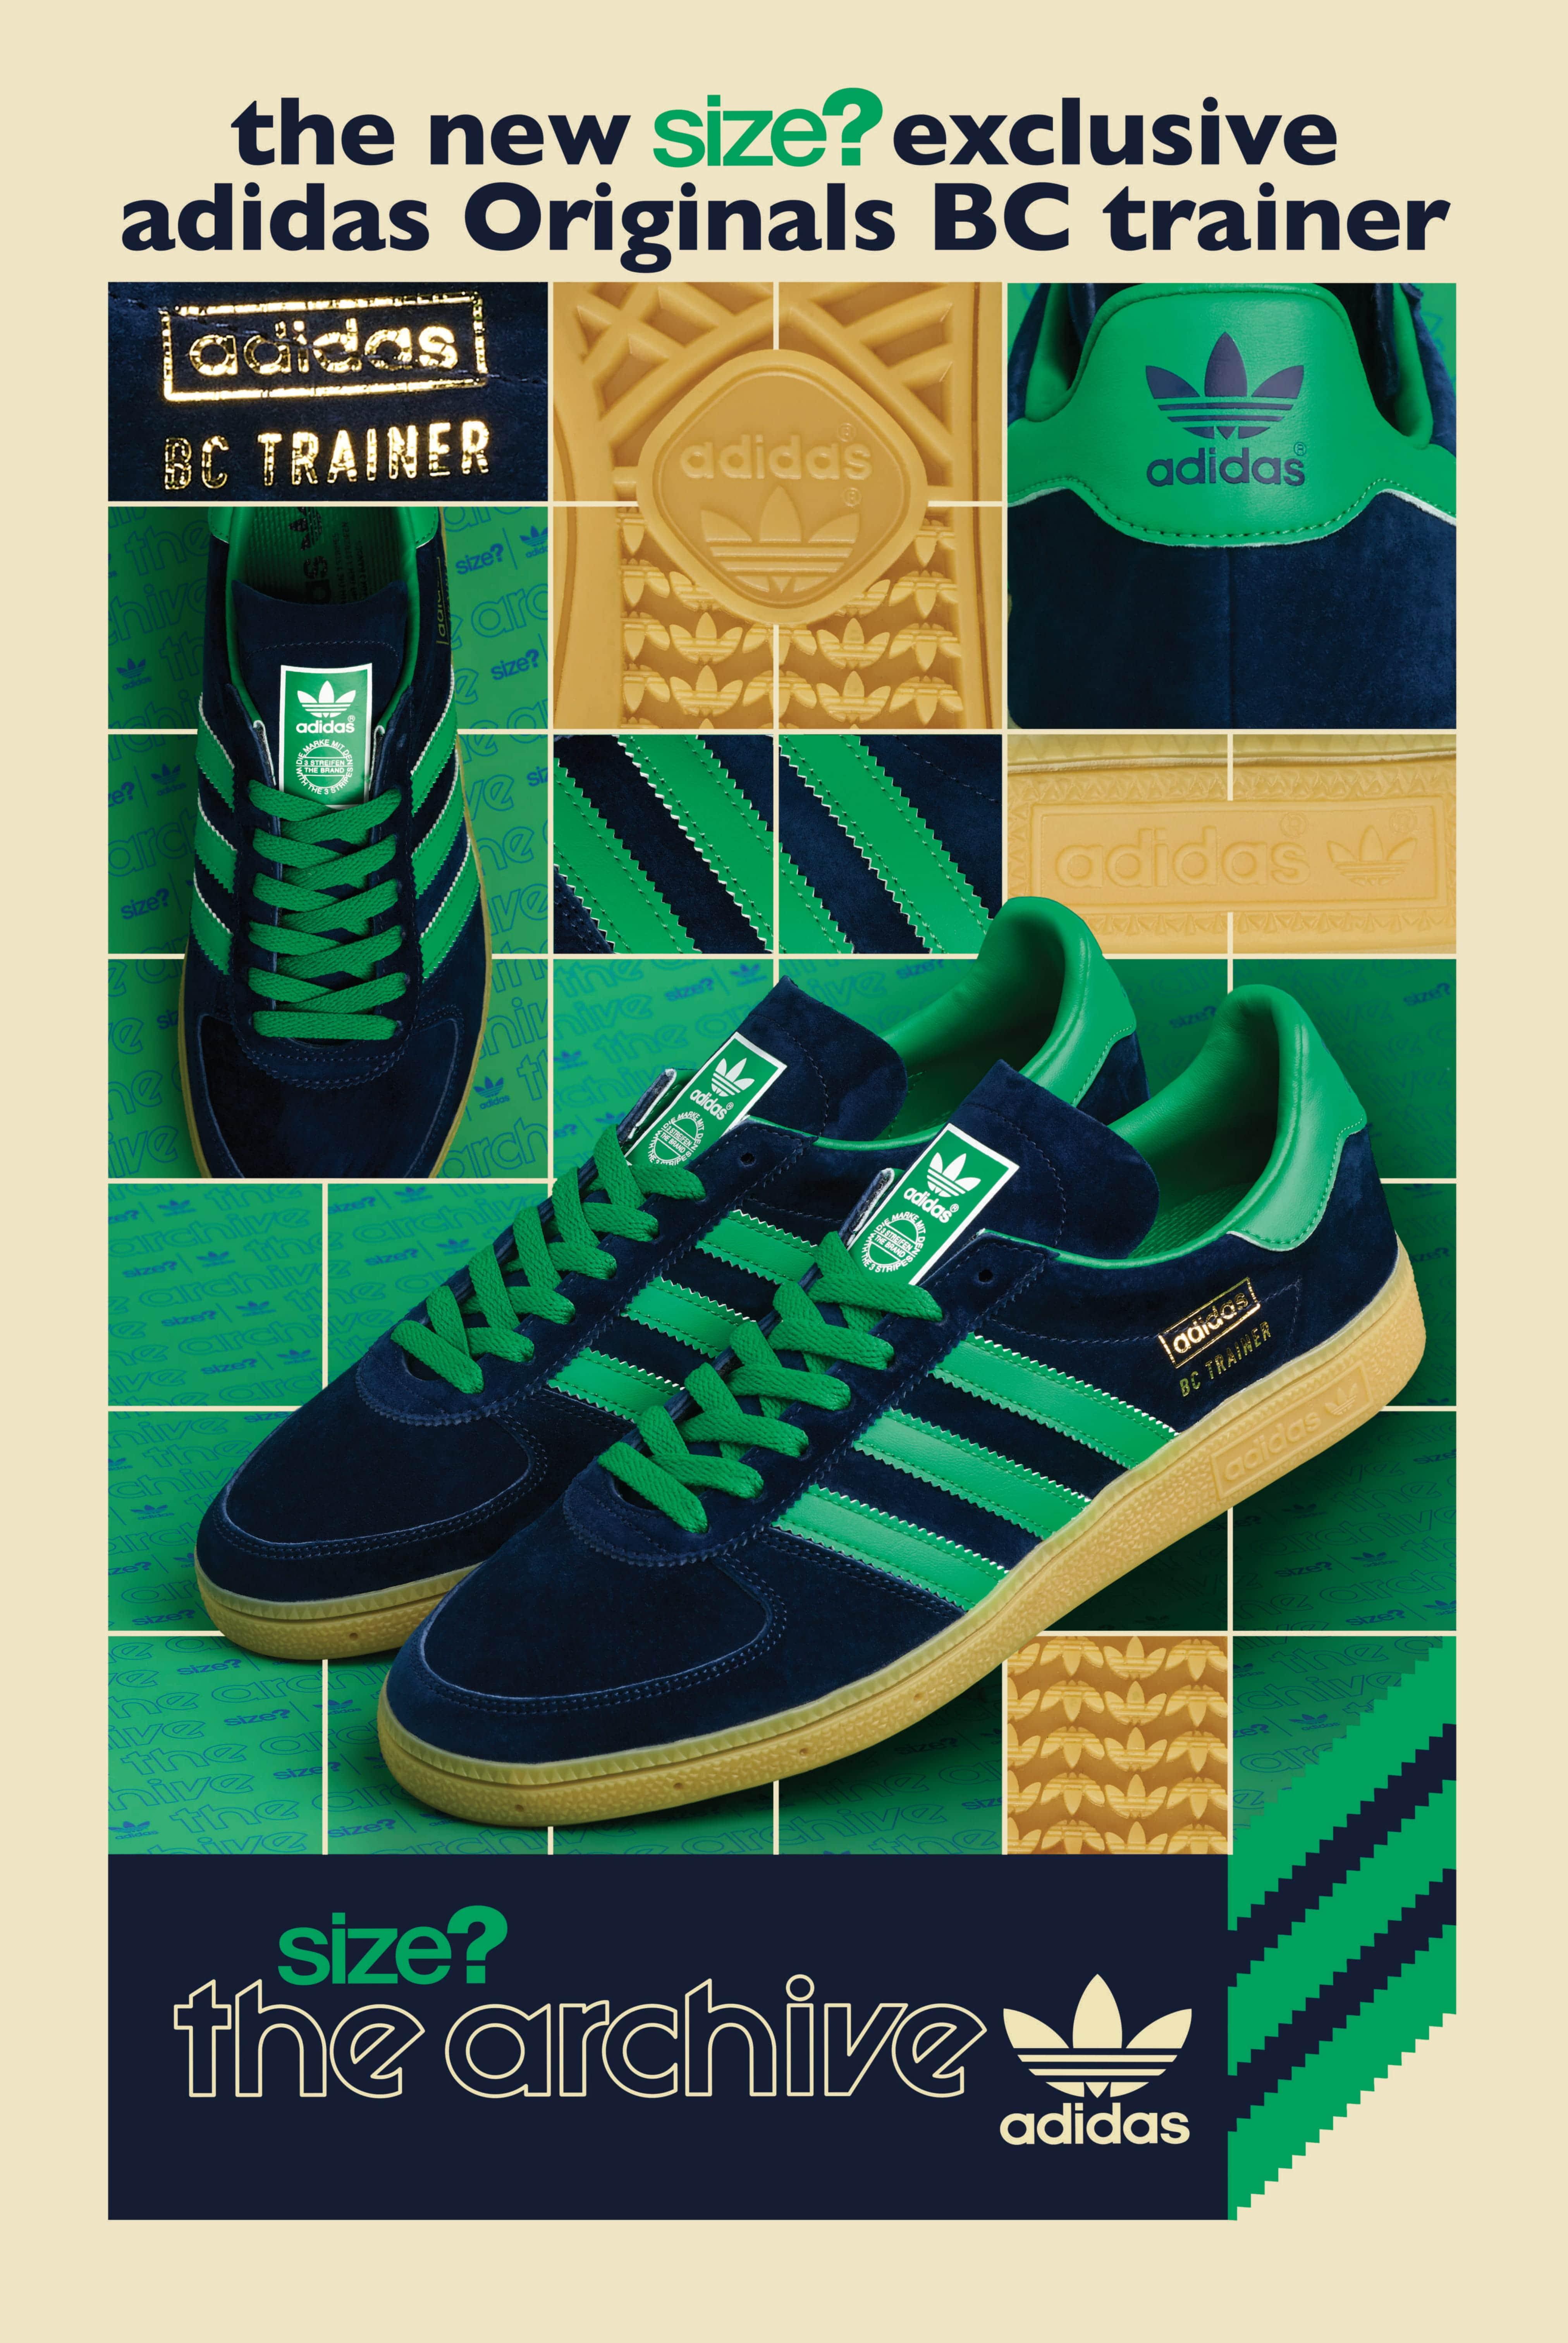 adidas Originals BC Trainer – size? Exclusive